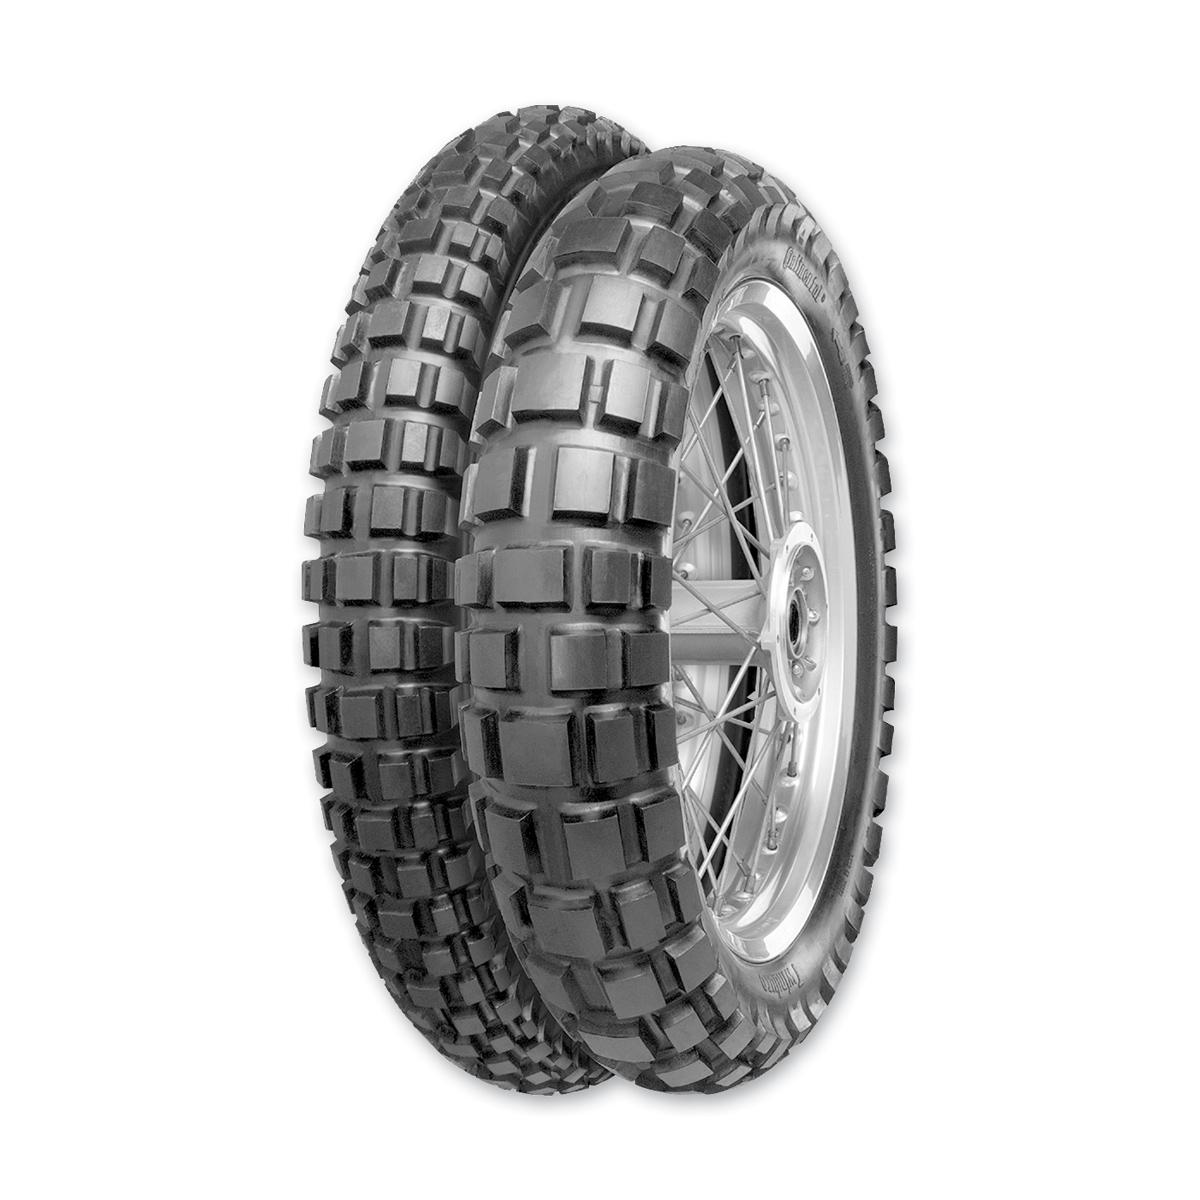 Continental TKC80 150/70B18 Rear Tire